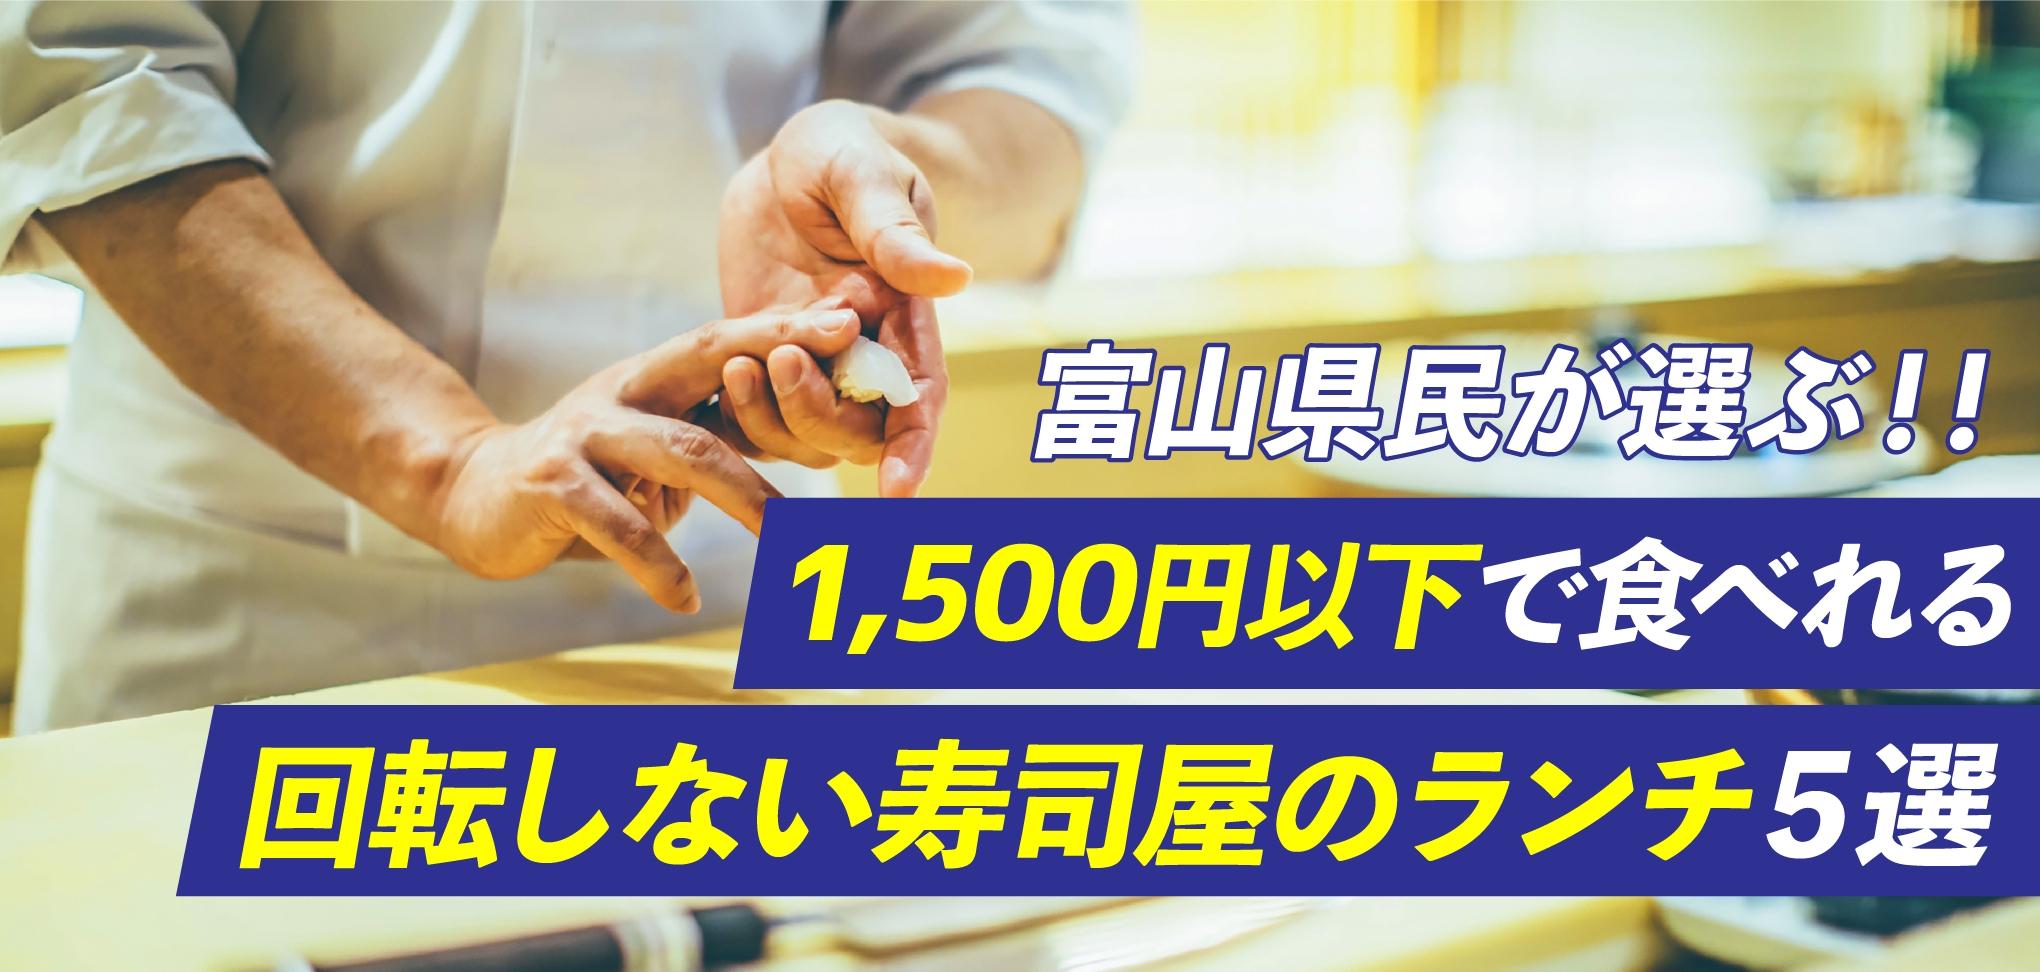 富山県民が選ぶ!!「1,500円以下で食べれる、回転しない寿司屋のランチ」5選